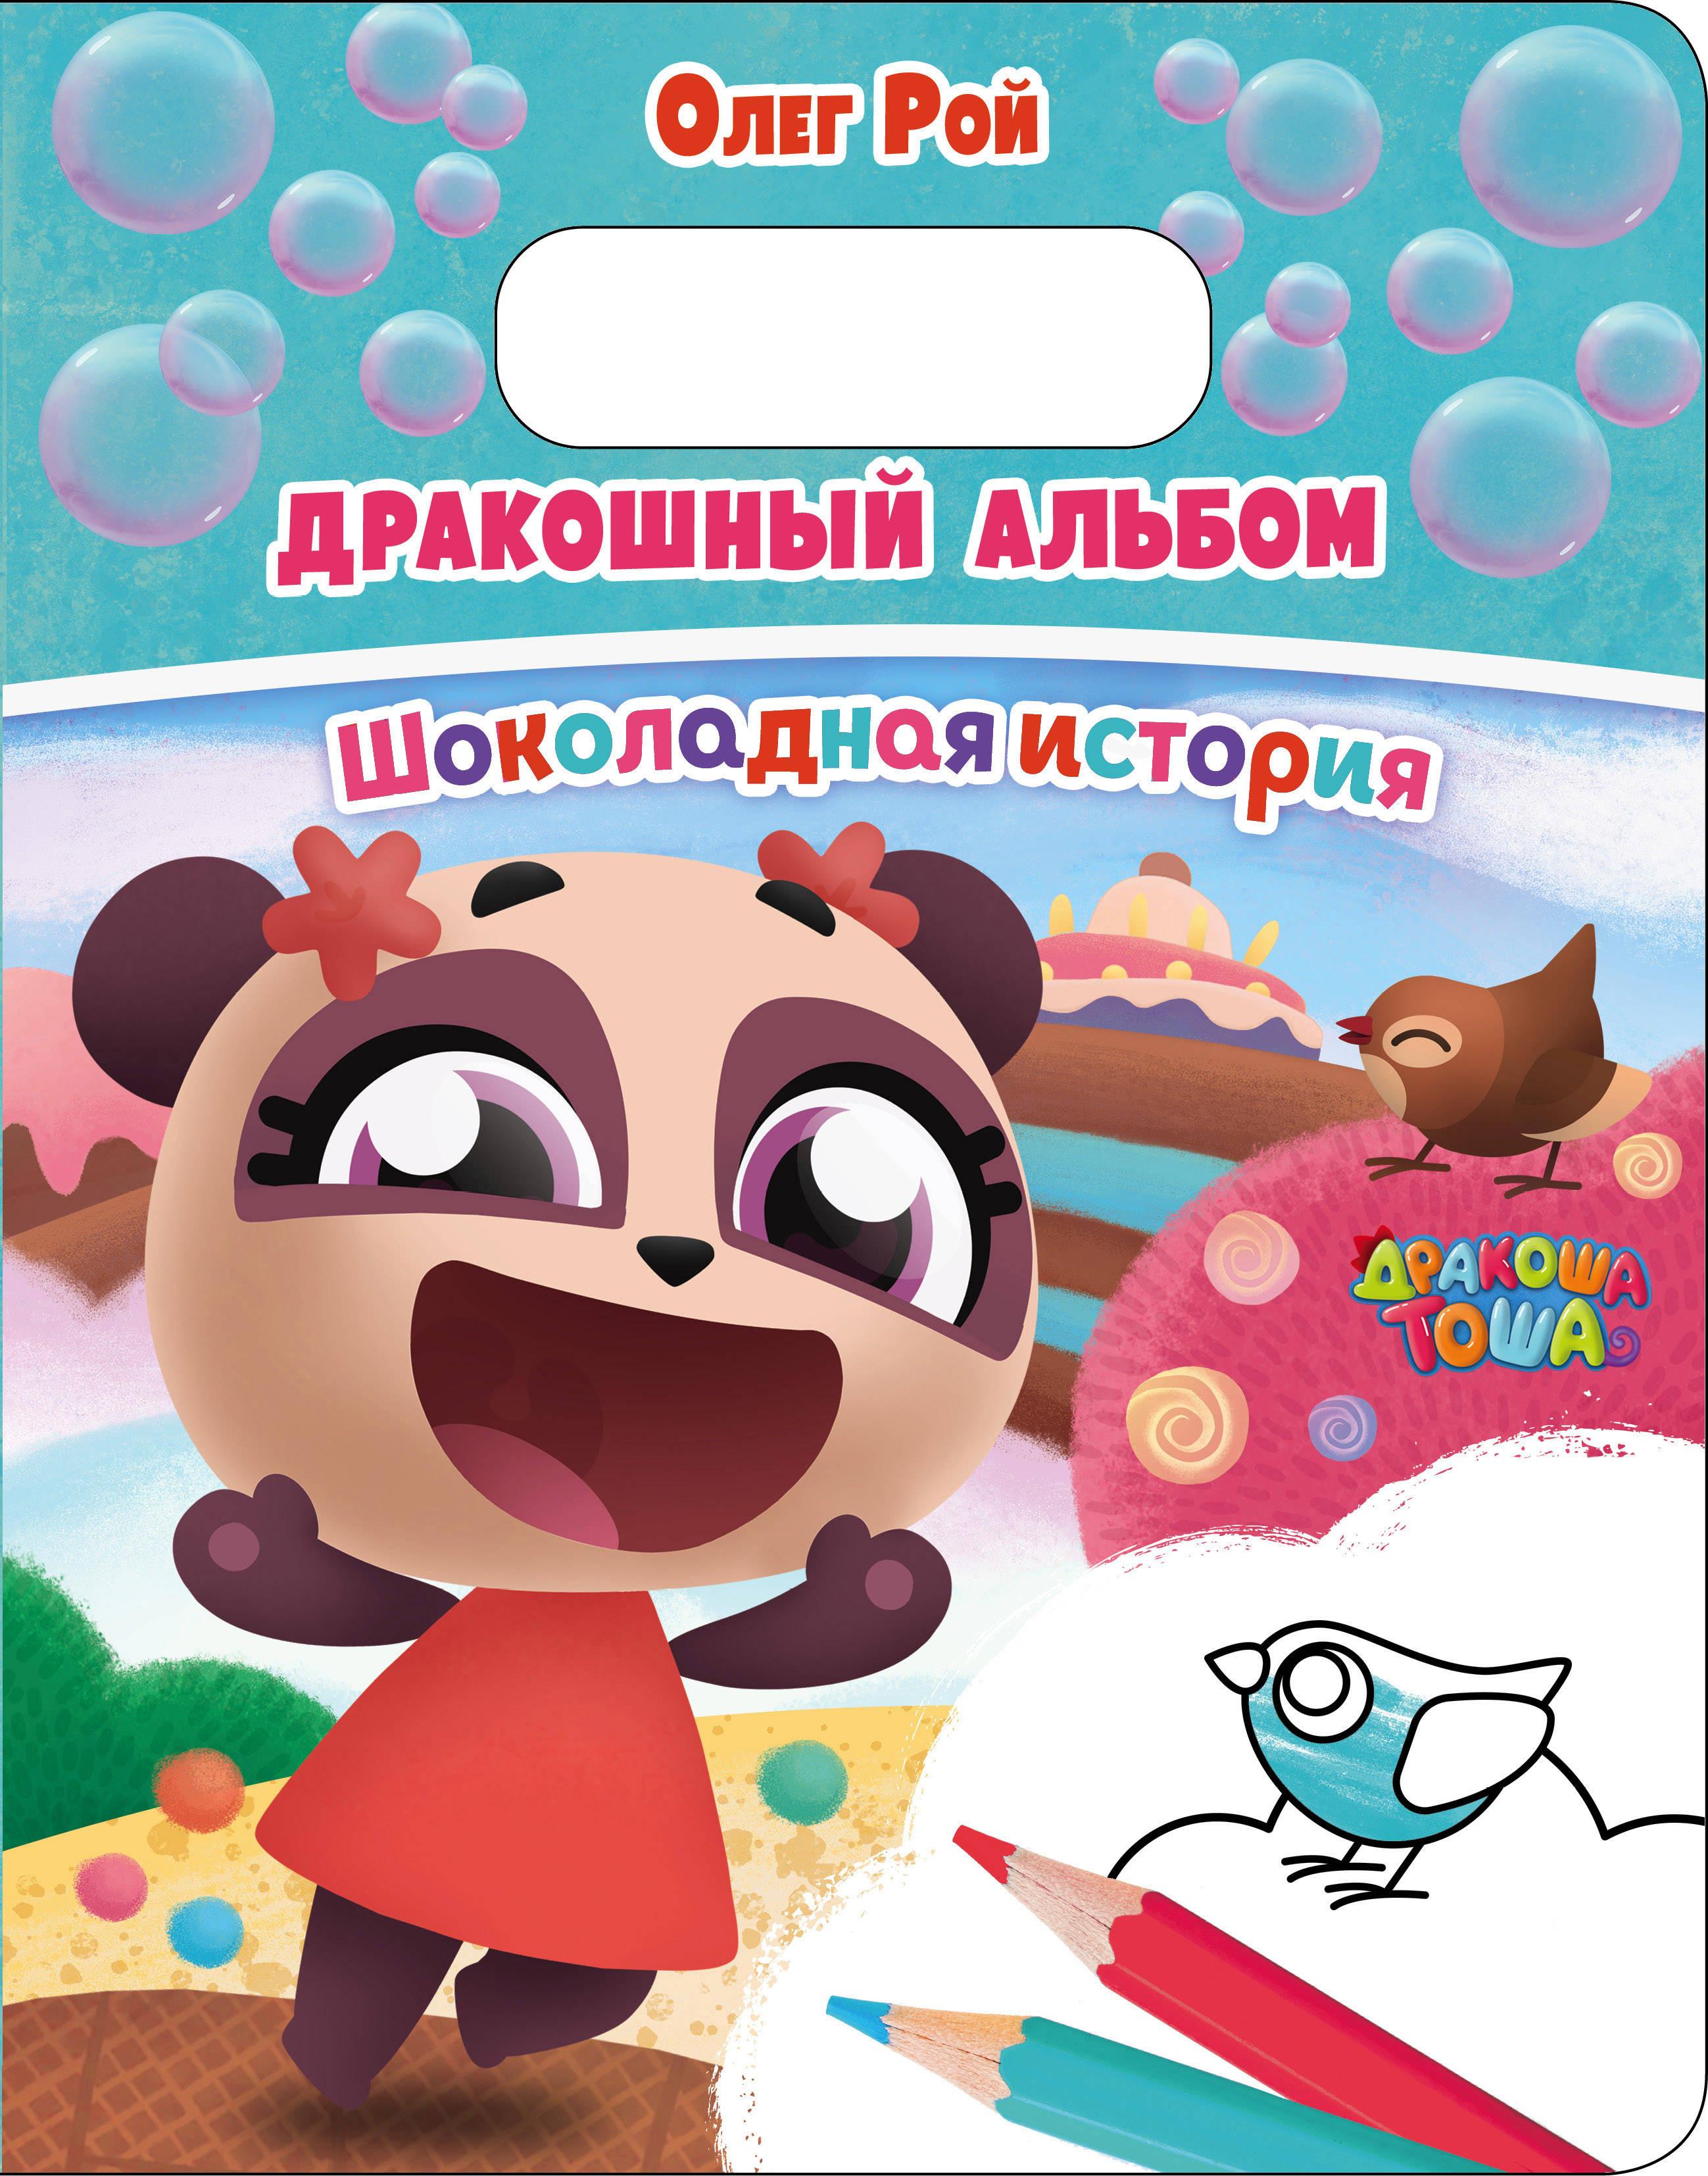 Рой Олег. Дракошный альбом. Шоколадная история